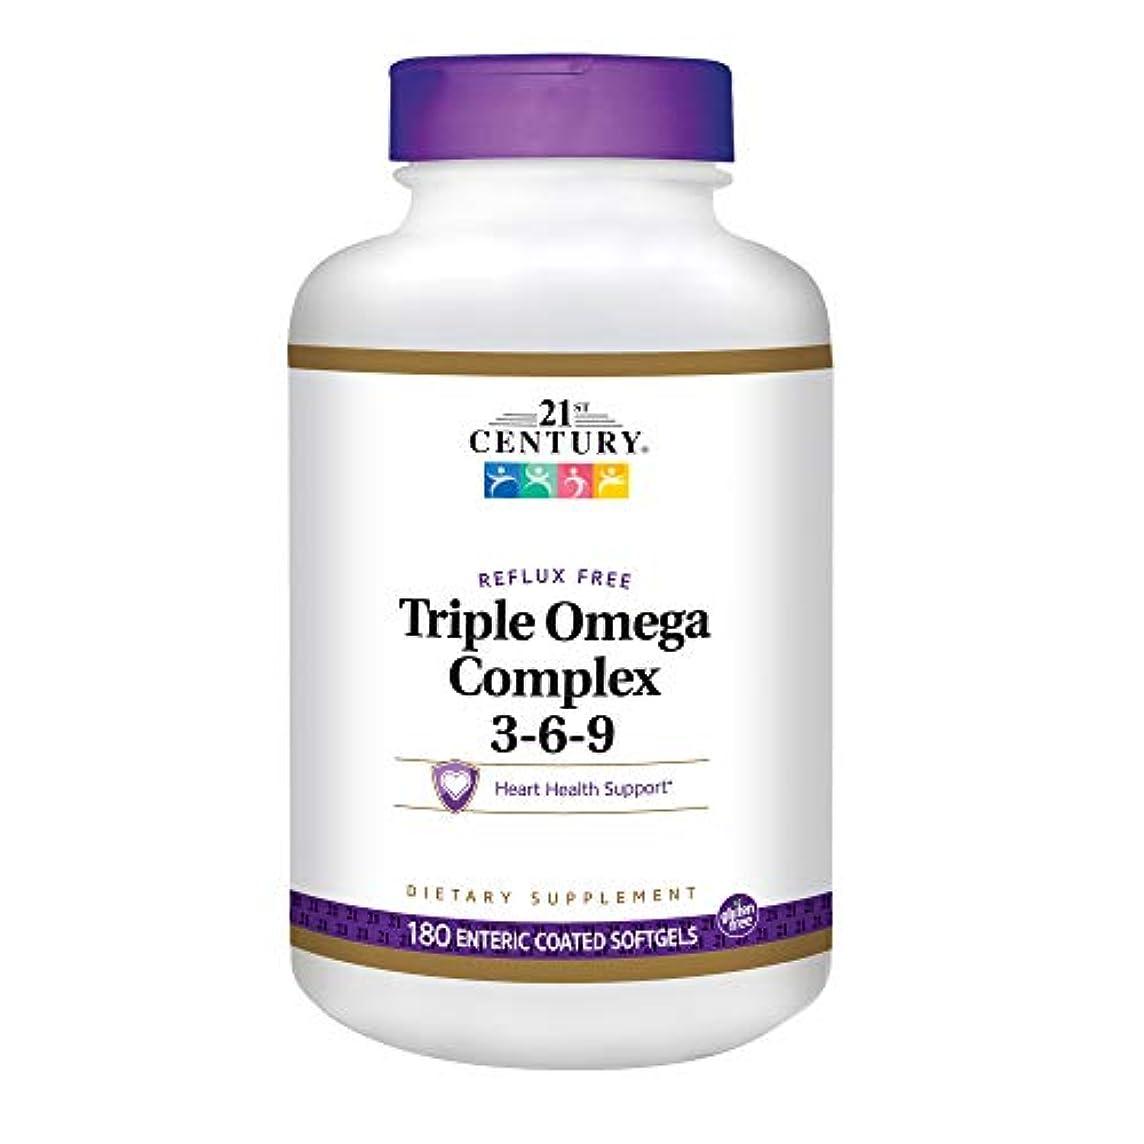 肉の嵐の北方21st Century Health Care, Triple Omega Complex 3-6-9, 180 Enteric Coated Softgels